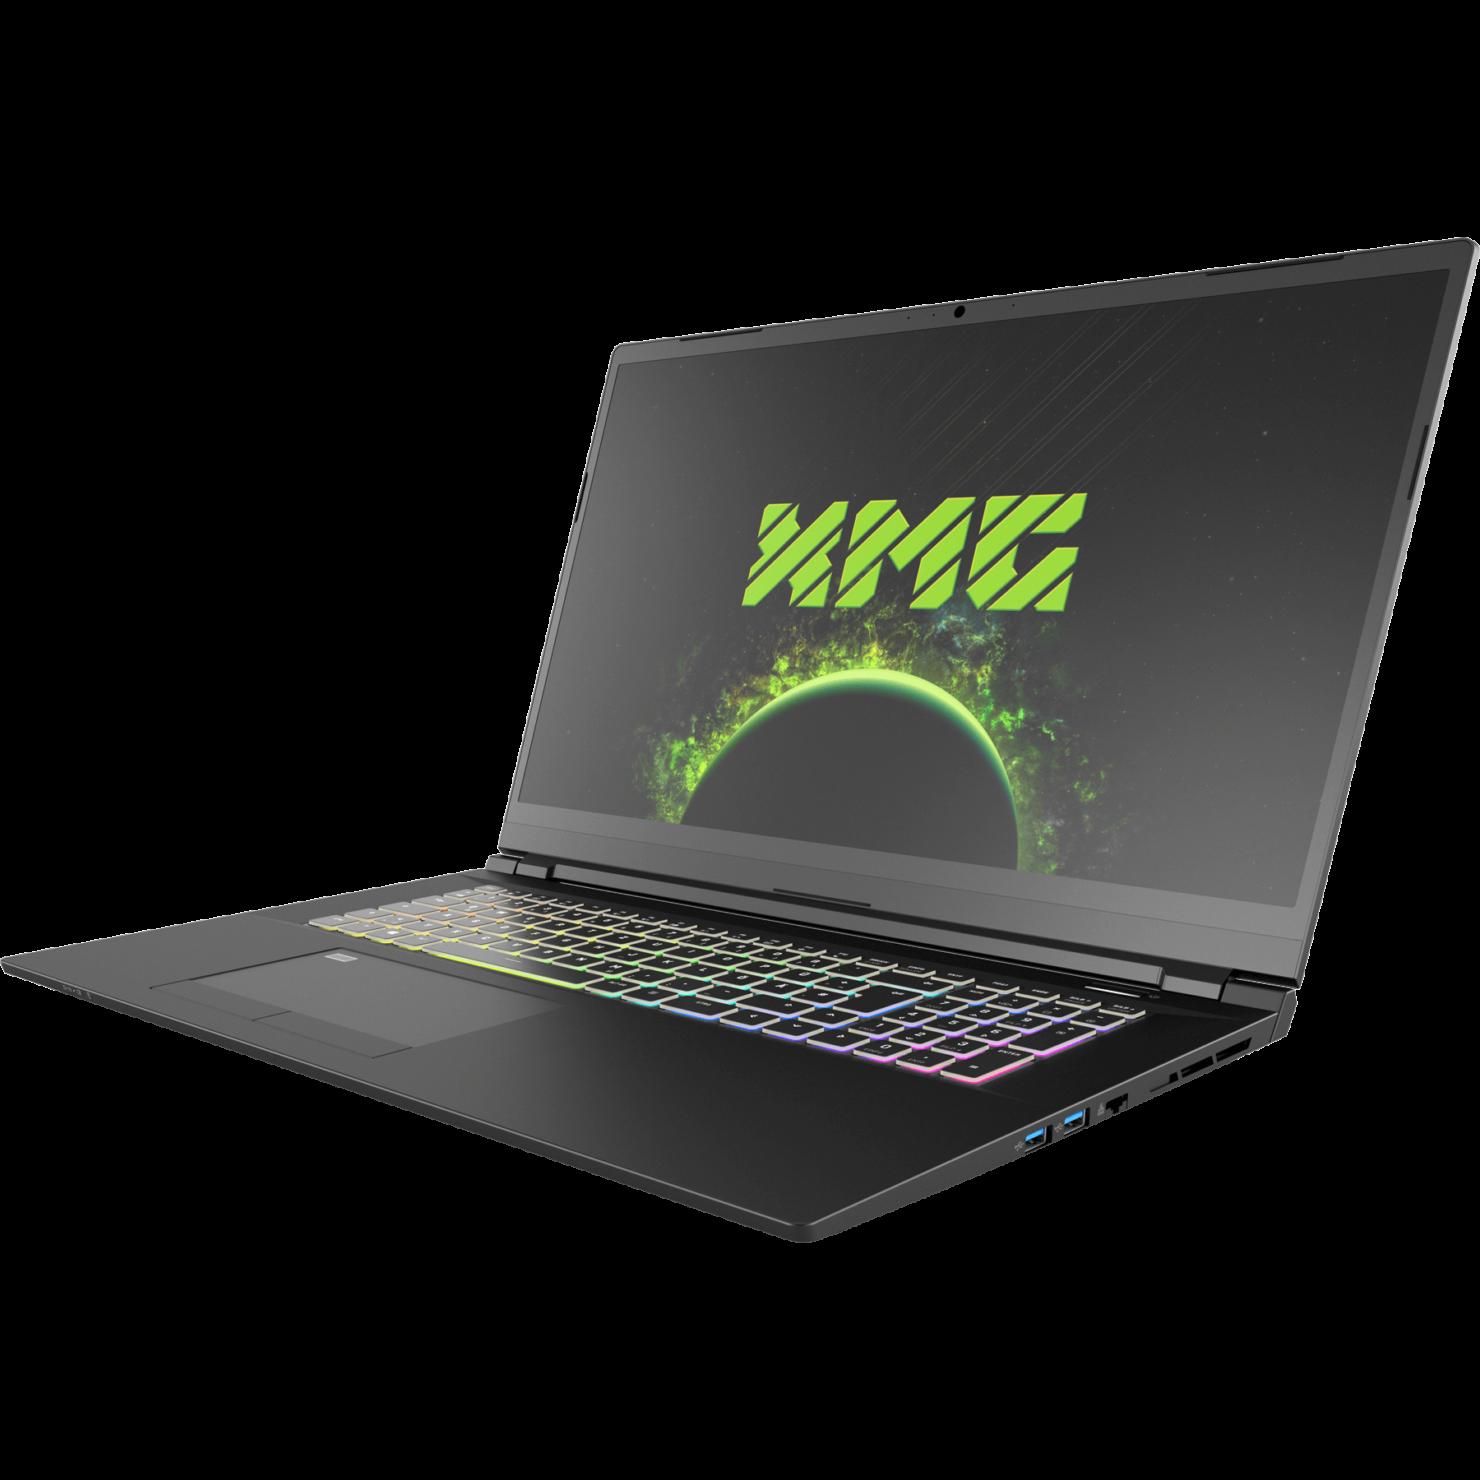 xmg-pro-17-l21-03